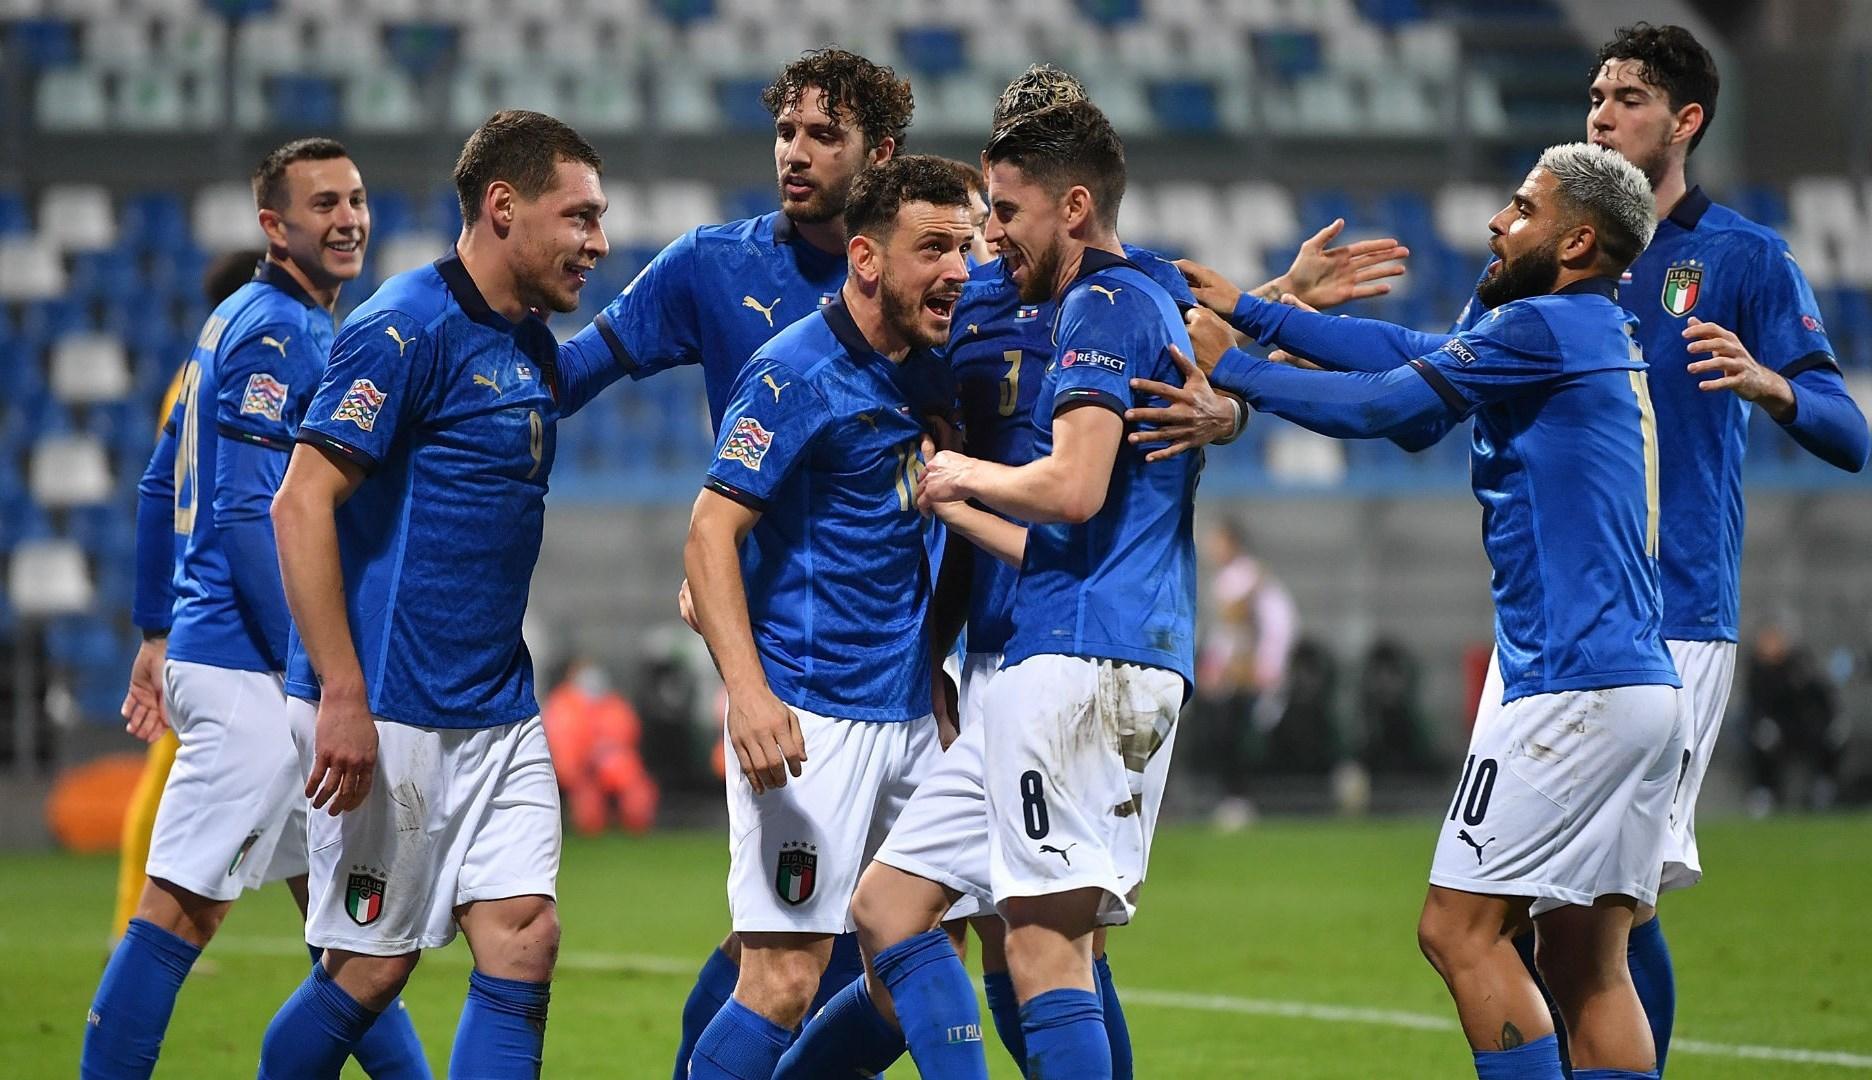 فازت إيطاليا على بولندا 2-0